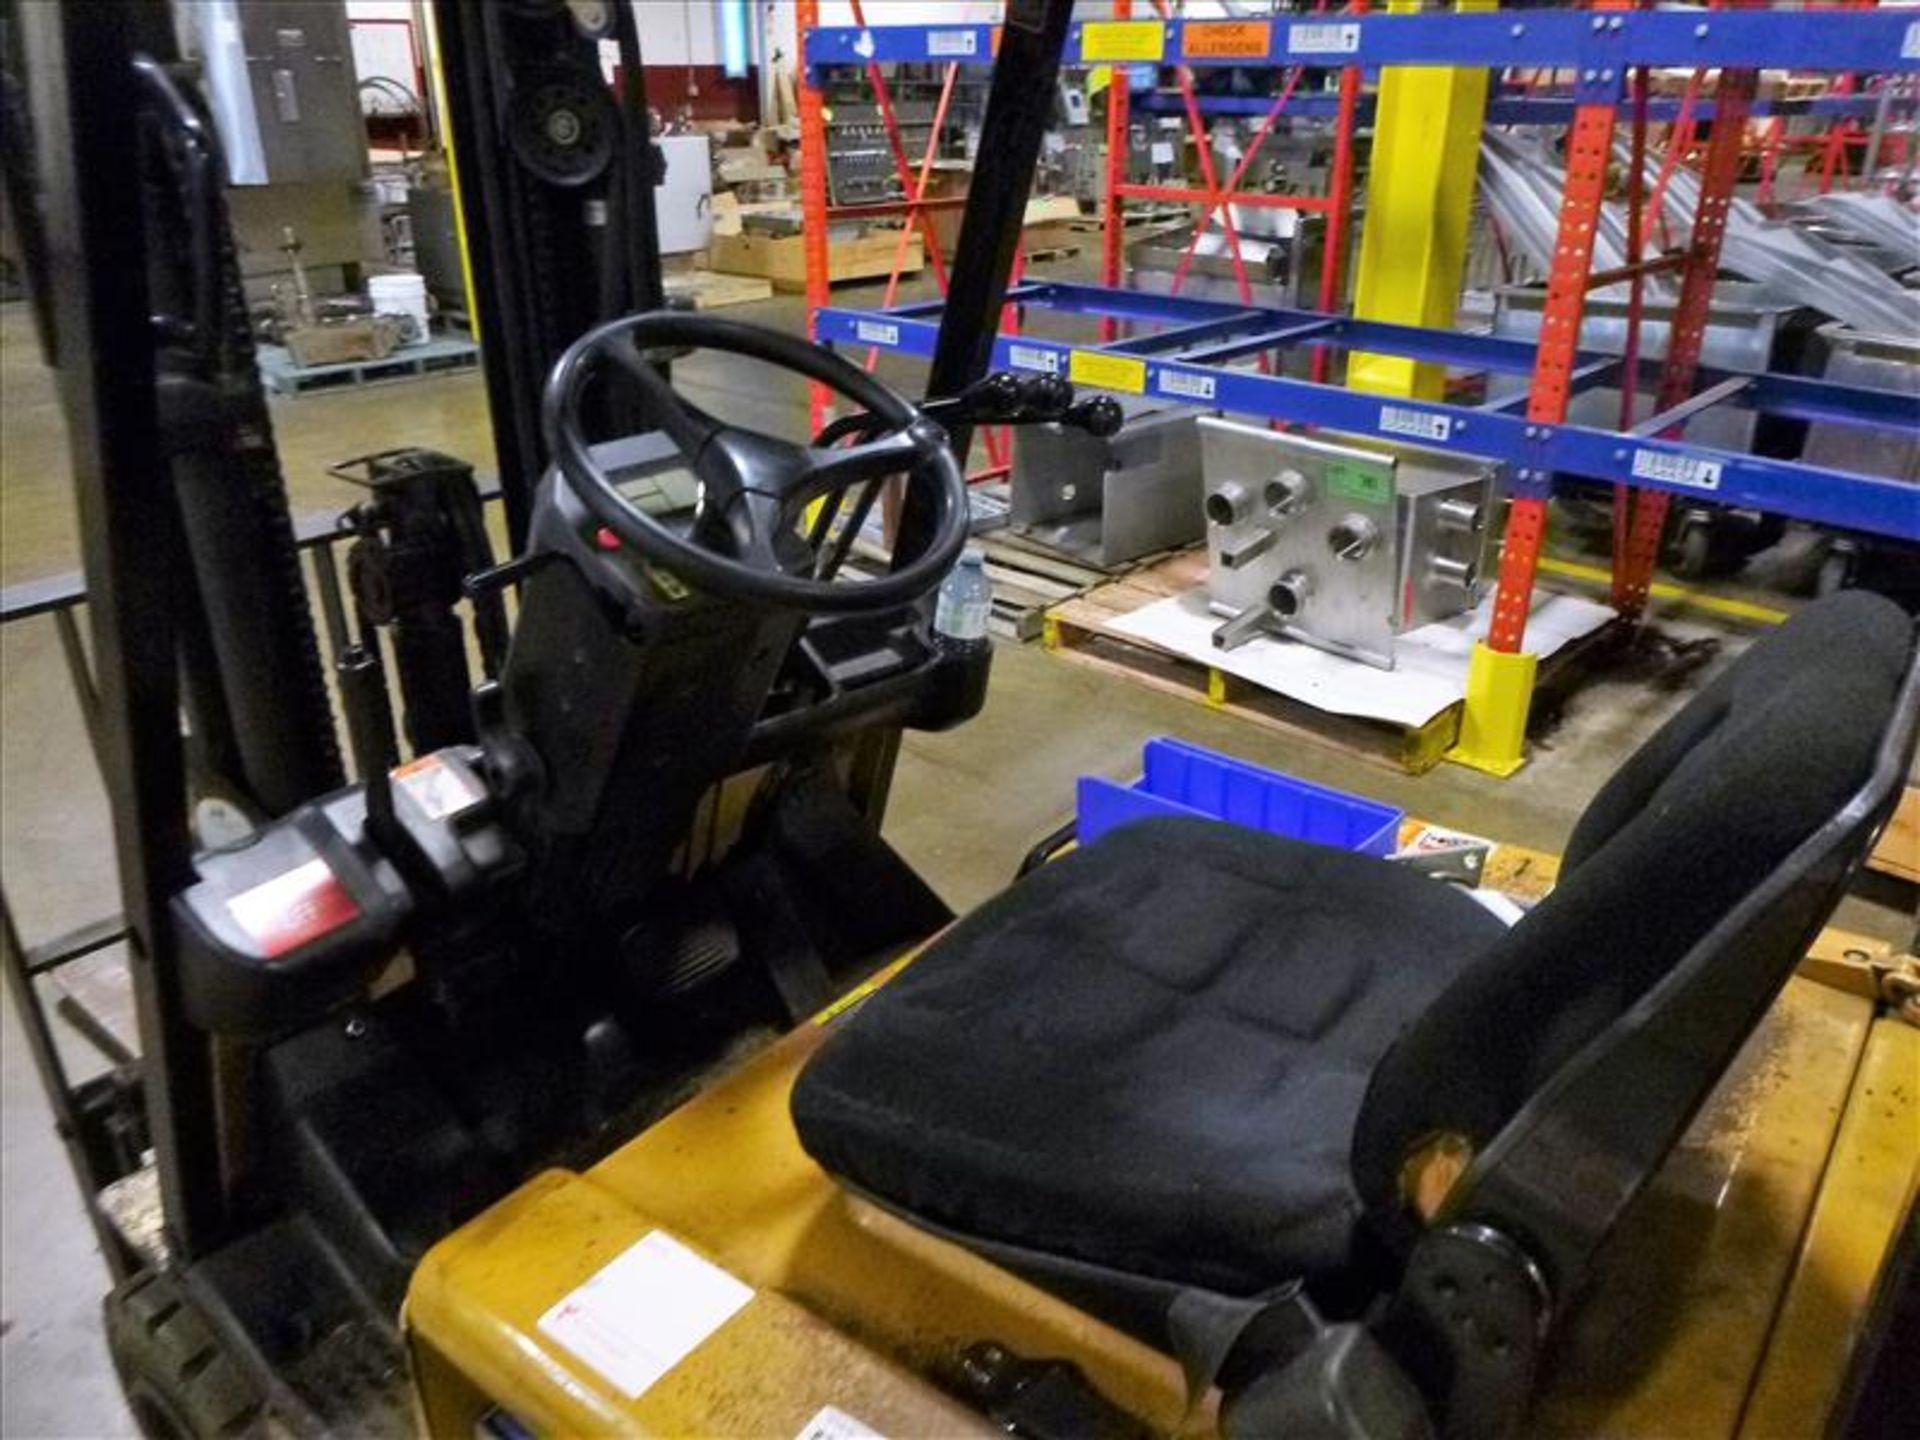 Caterpillar fork lift truck, mod. EC20KT, ser. no. ETB5A50553, 48V electric, 3750 lbs cap., 159 - Image 3 of 4